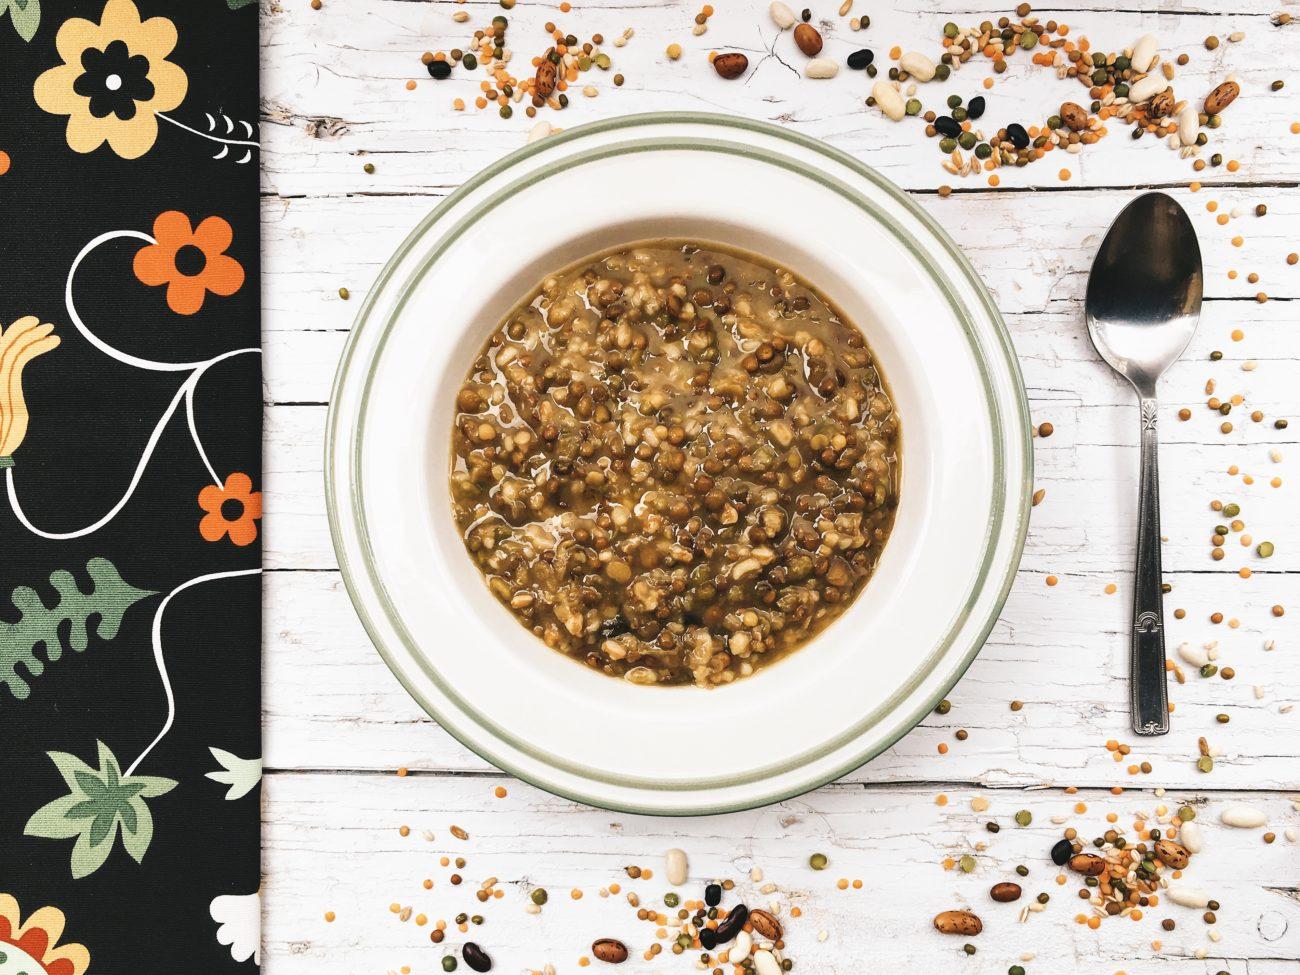 Cerali e legumi, abbinati all'interno dello stesso pasto, offrono uno spettro aminoacidico completo: è esattamente quello che ci vuole per la dieta vegana!